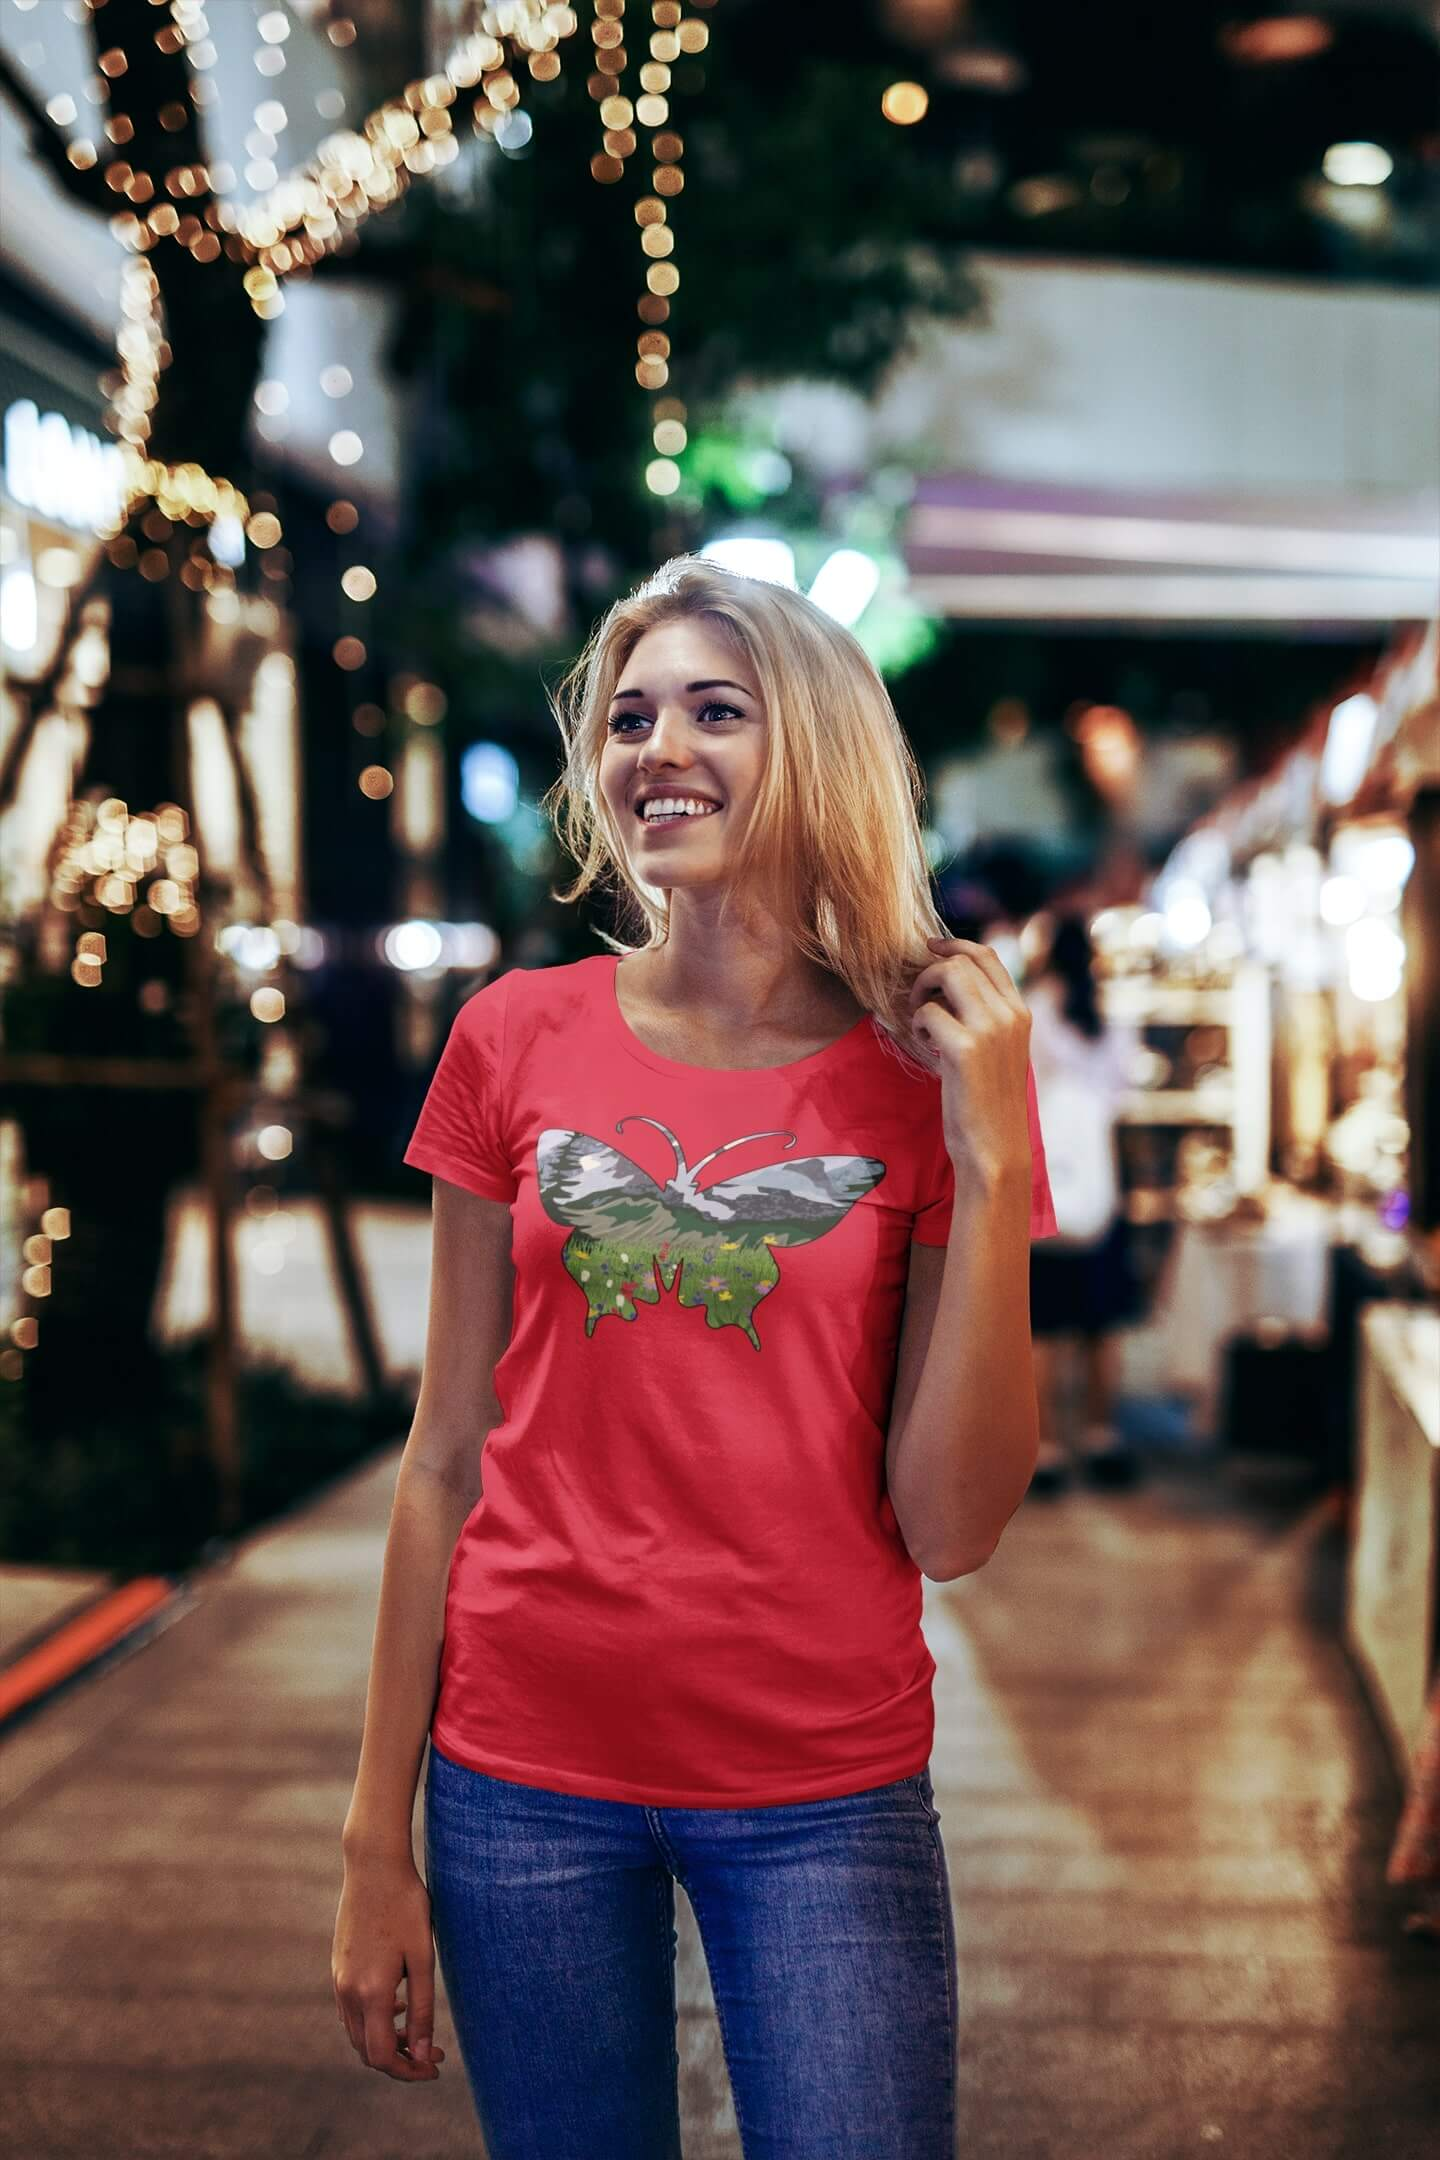 MMO Dámske tričko Motýľ Vyberte farbu: Červená, Vyberte veľkosť: S